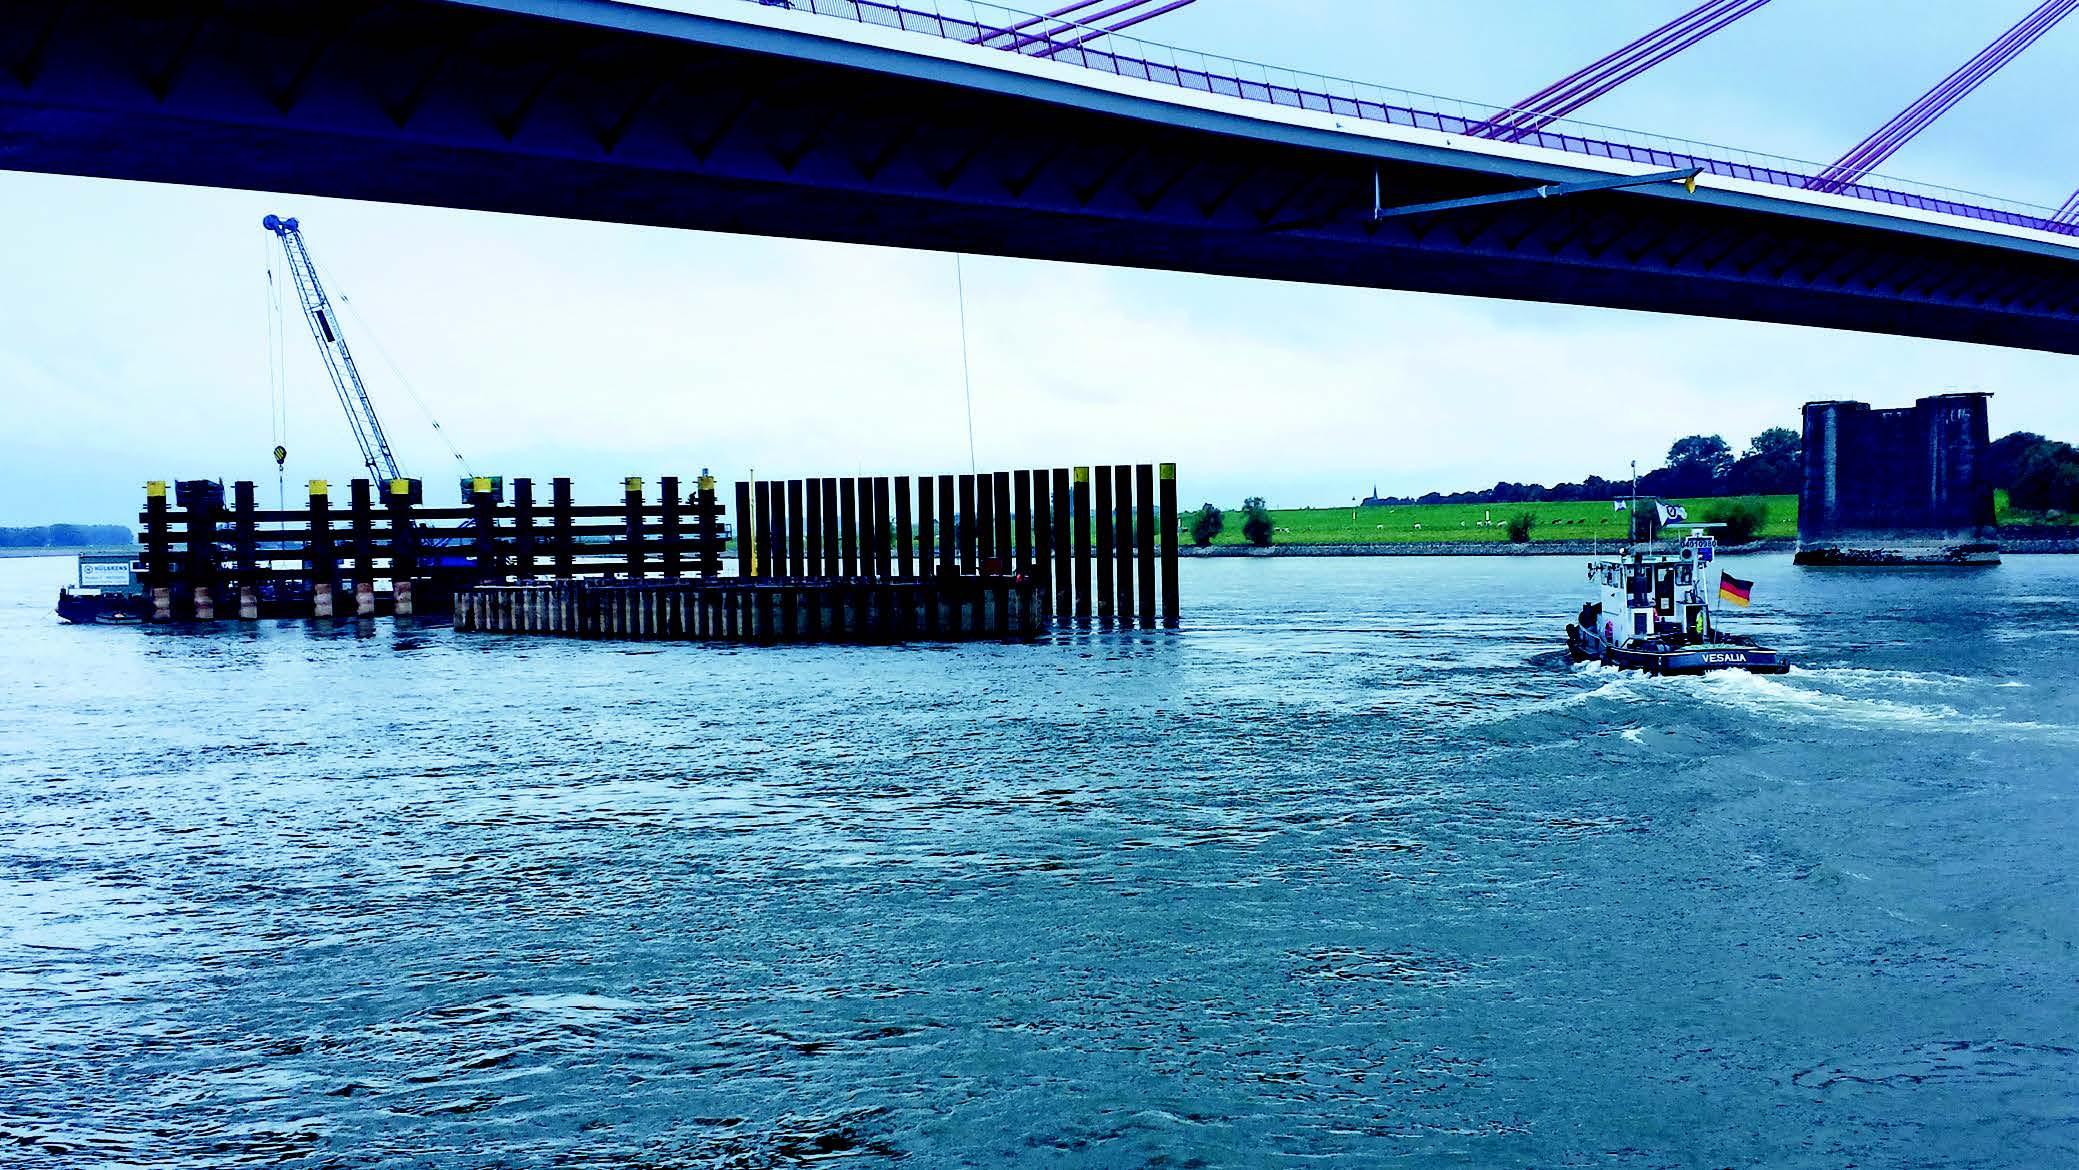 Rückbau der alten Brückenpfeiler der Rheinbrücke von Wesel